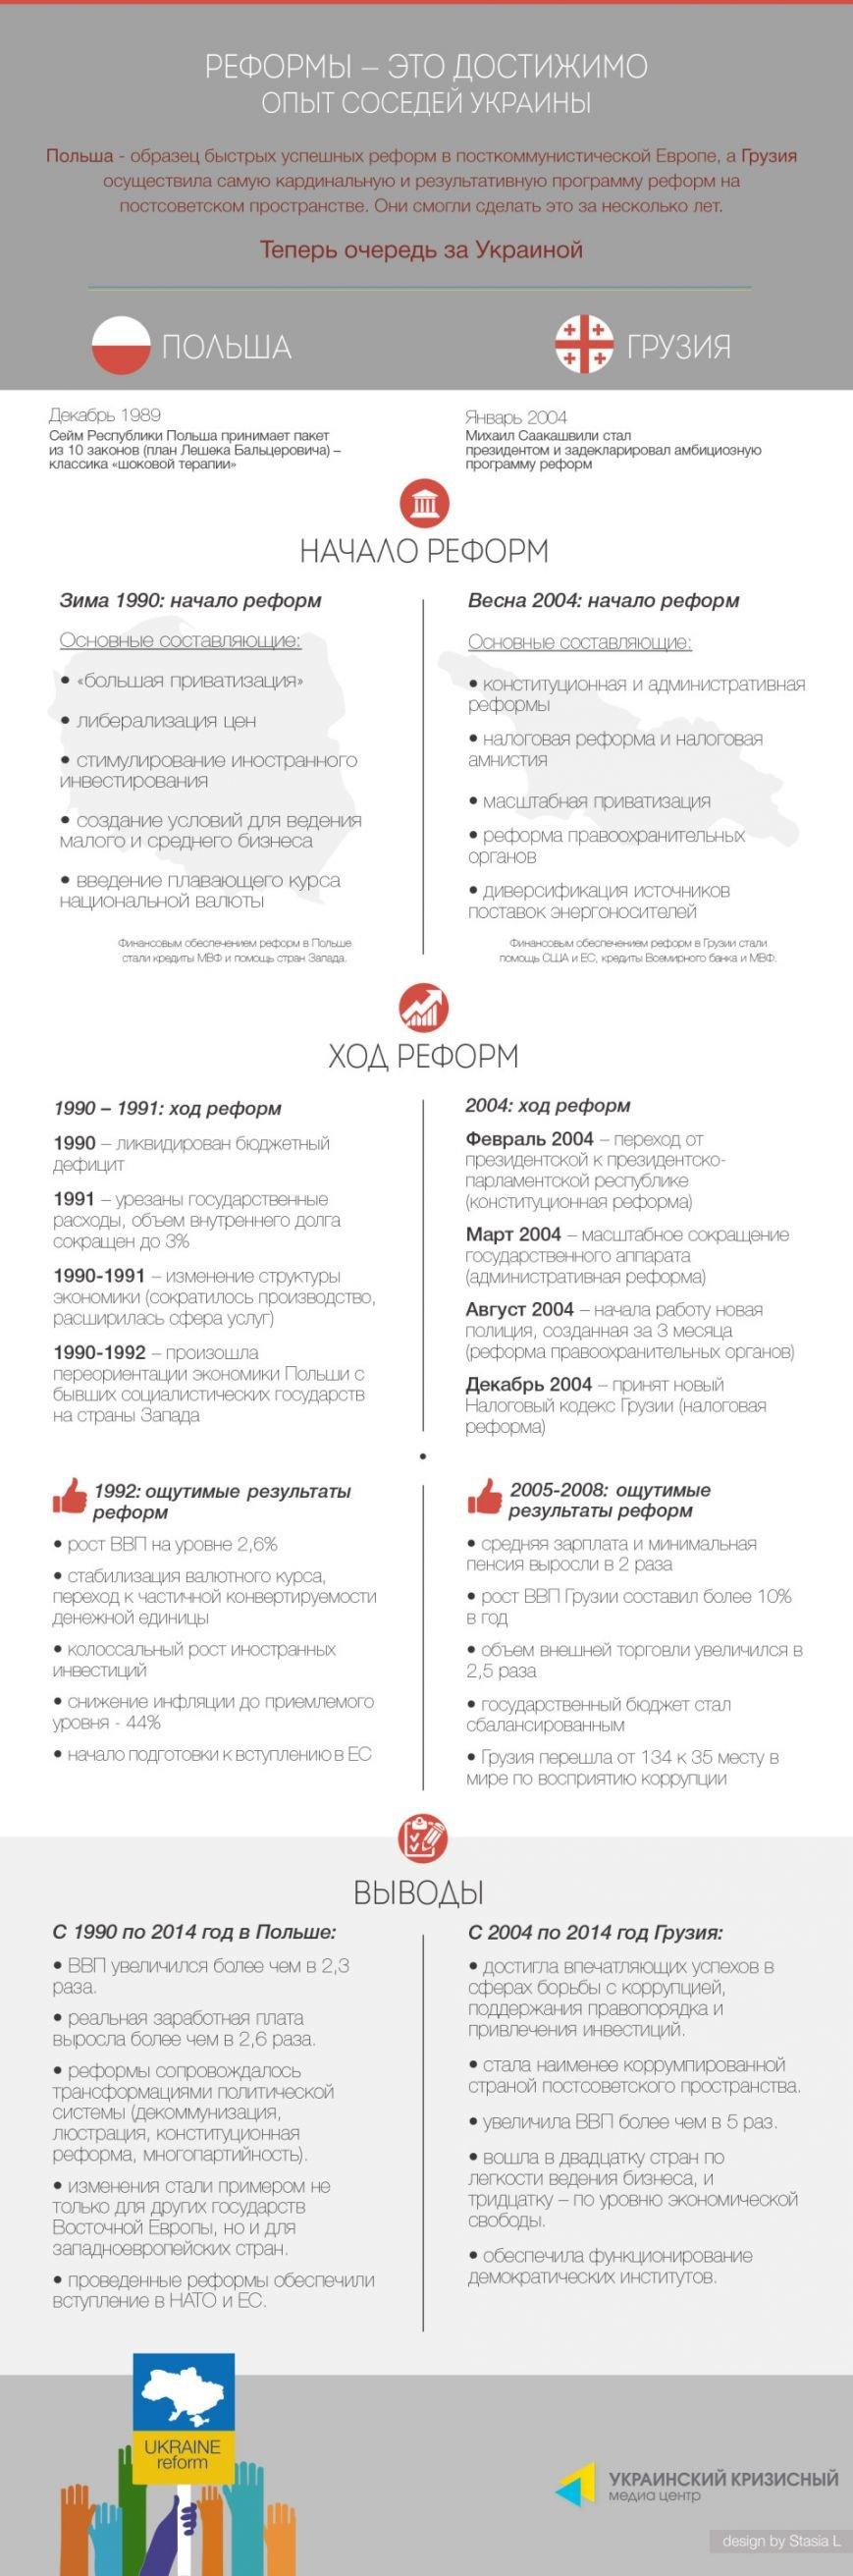 info-pl-ge-RU-960x2898